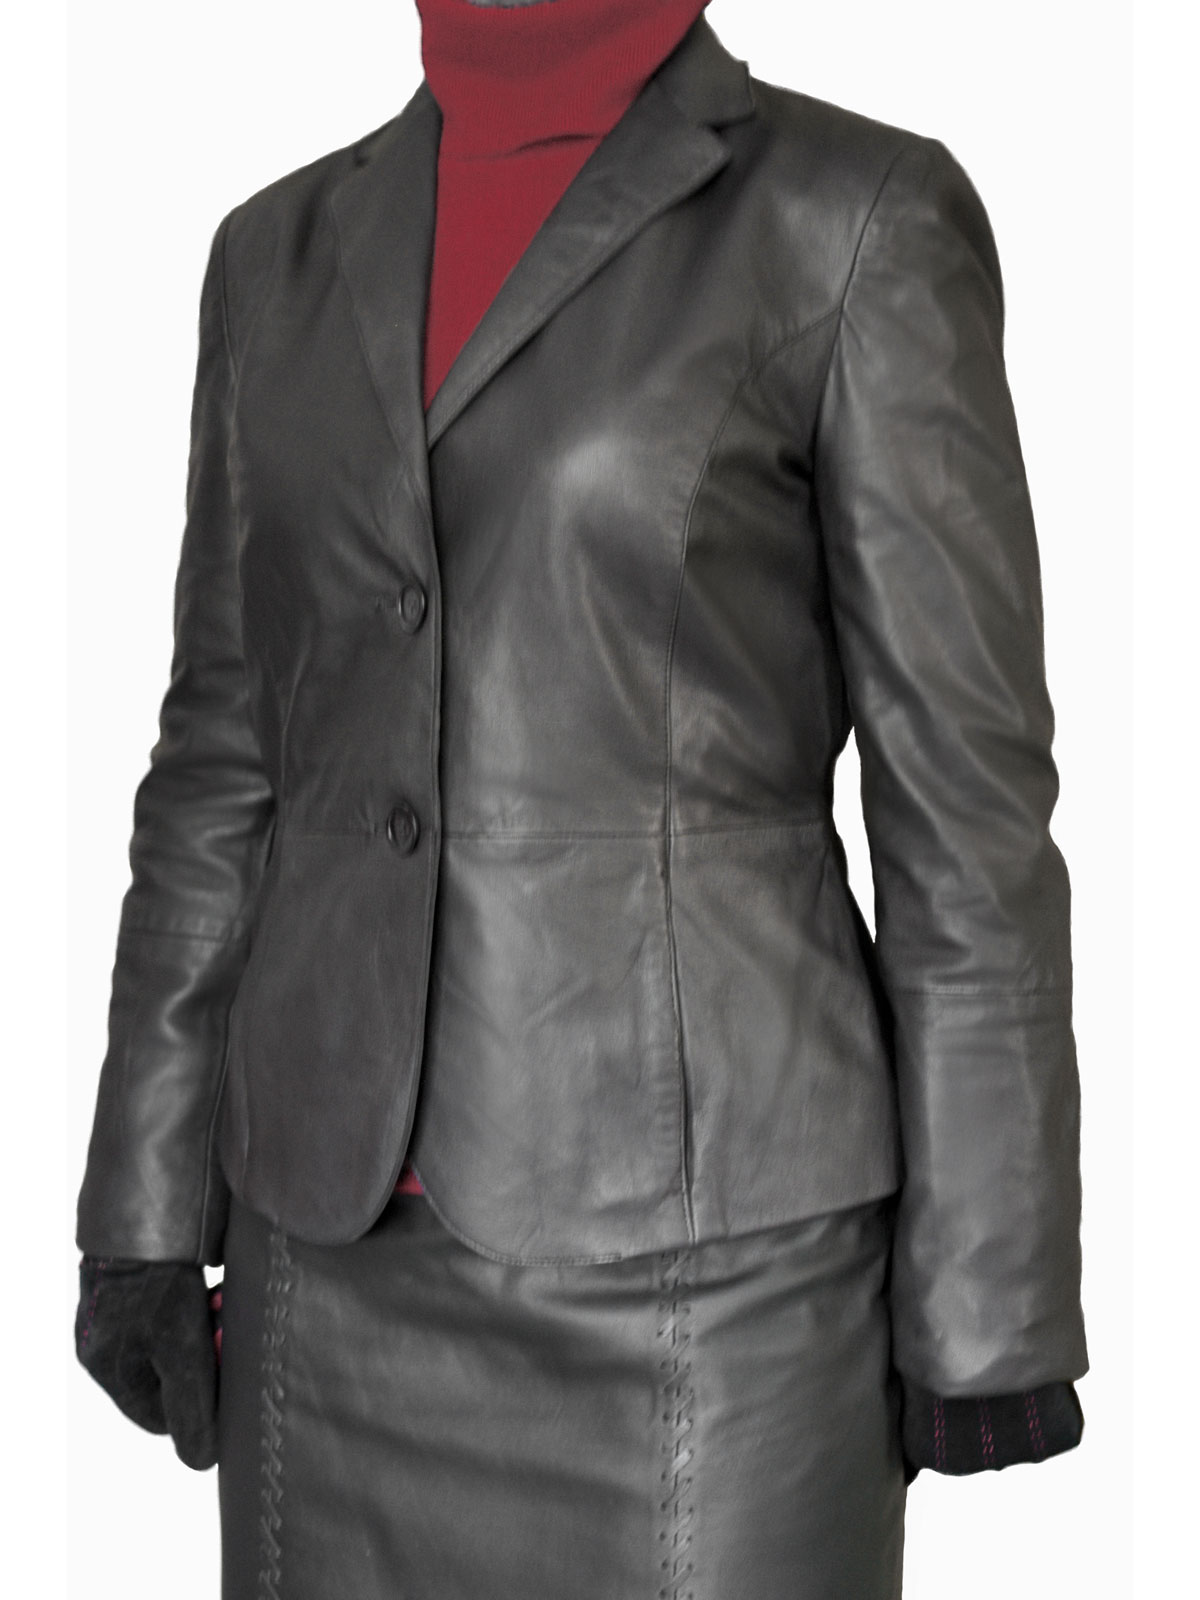 Leather jacket uk womens -  Ladies Black Tailored Leather Jacket Blazer